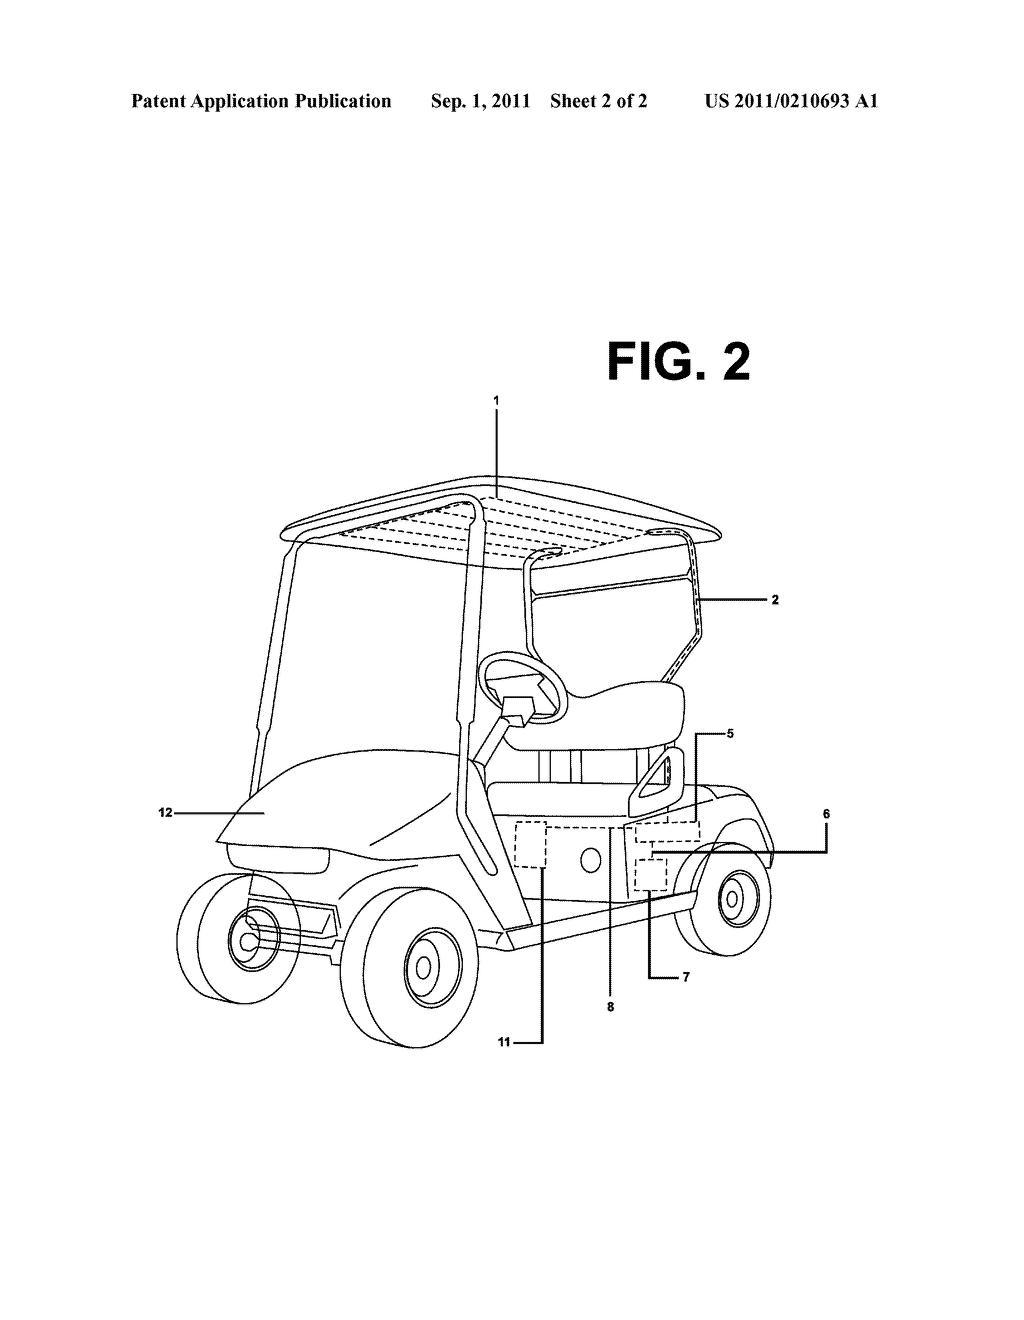 12 volt golf cart battery wiring diagram